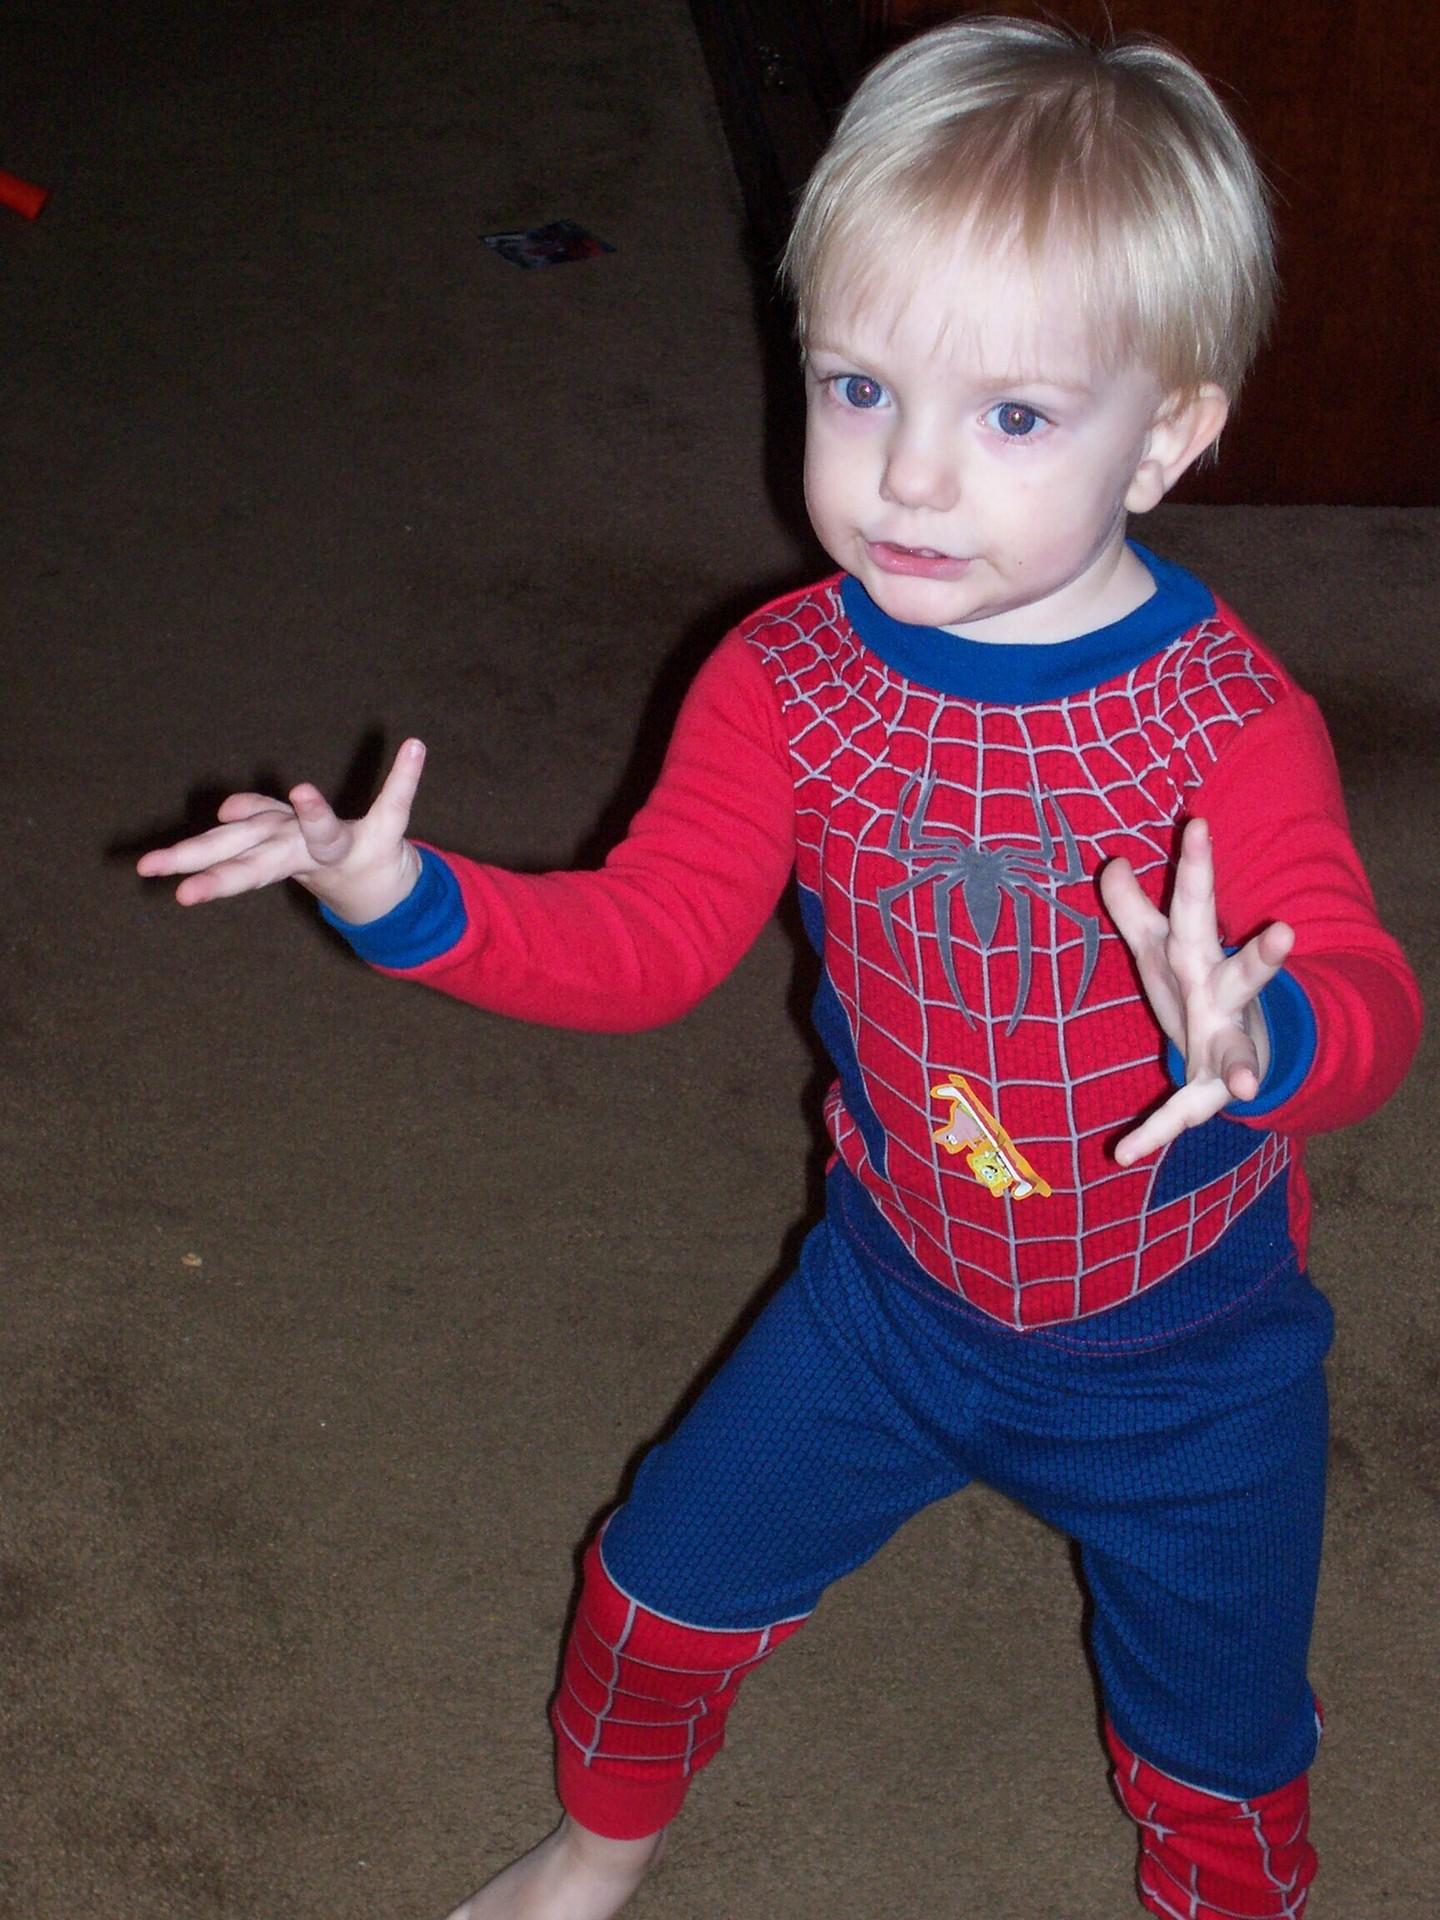 Spider slut 2